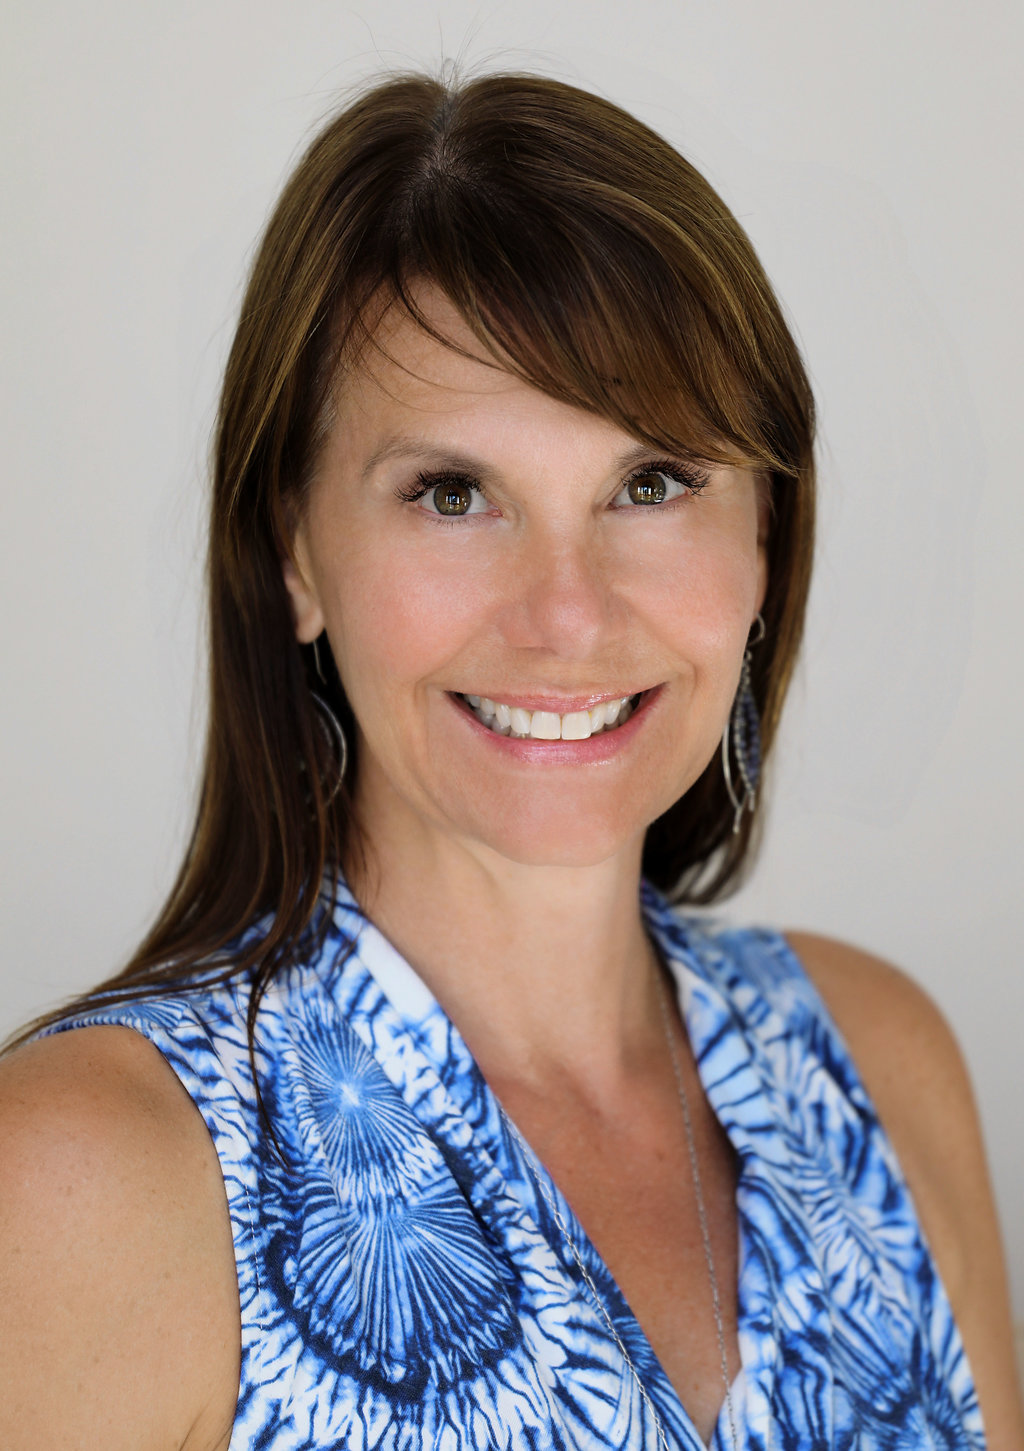 Lori undefined Anderson-Benson